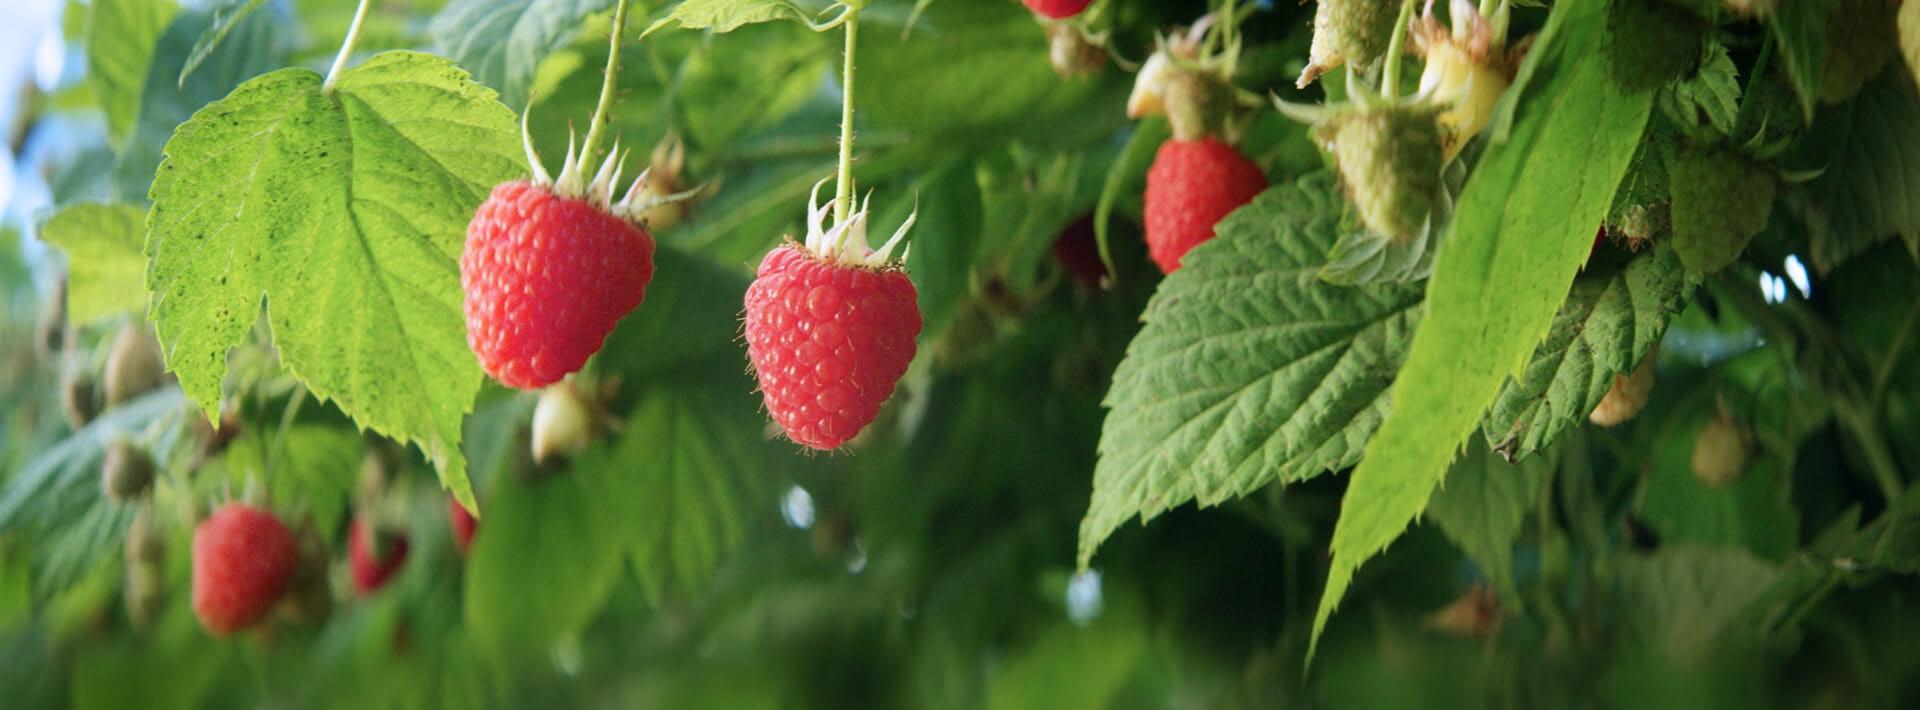 Come Coltivare I Lamponi i primi 100 anni dei lamponi driscoll's - italian berry